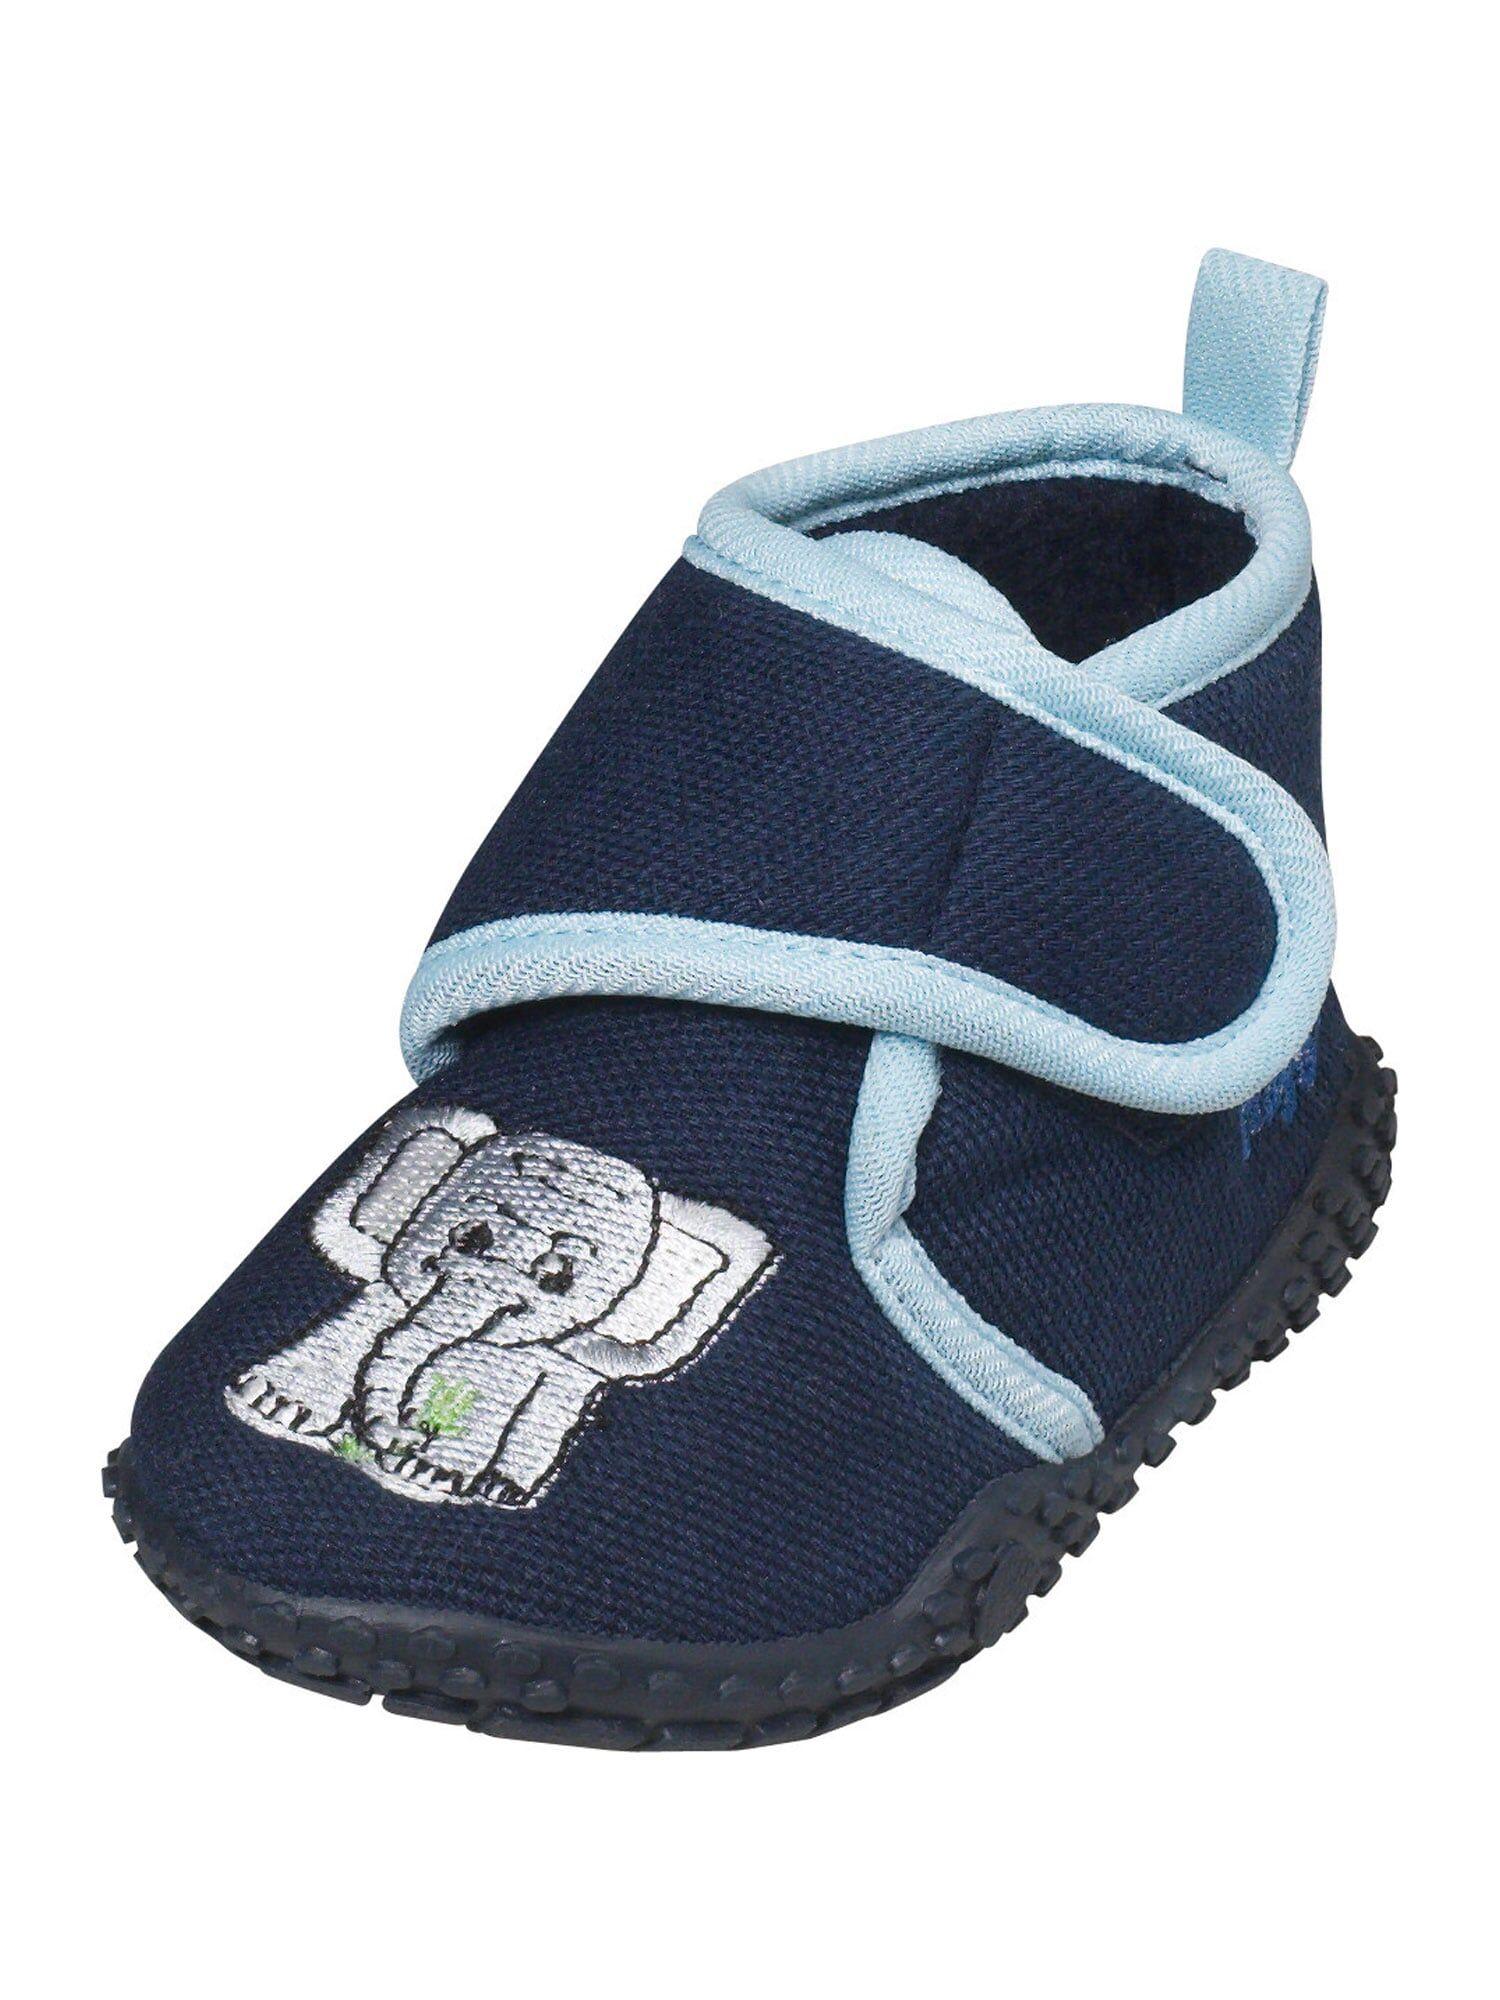 PLAYSHOES Pantoufle 'Elefant'  - Bleu - Taille: 28.5 - boy